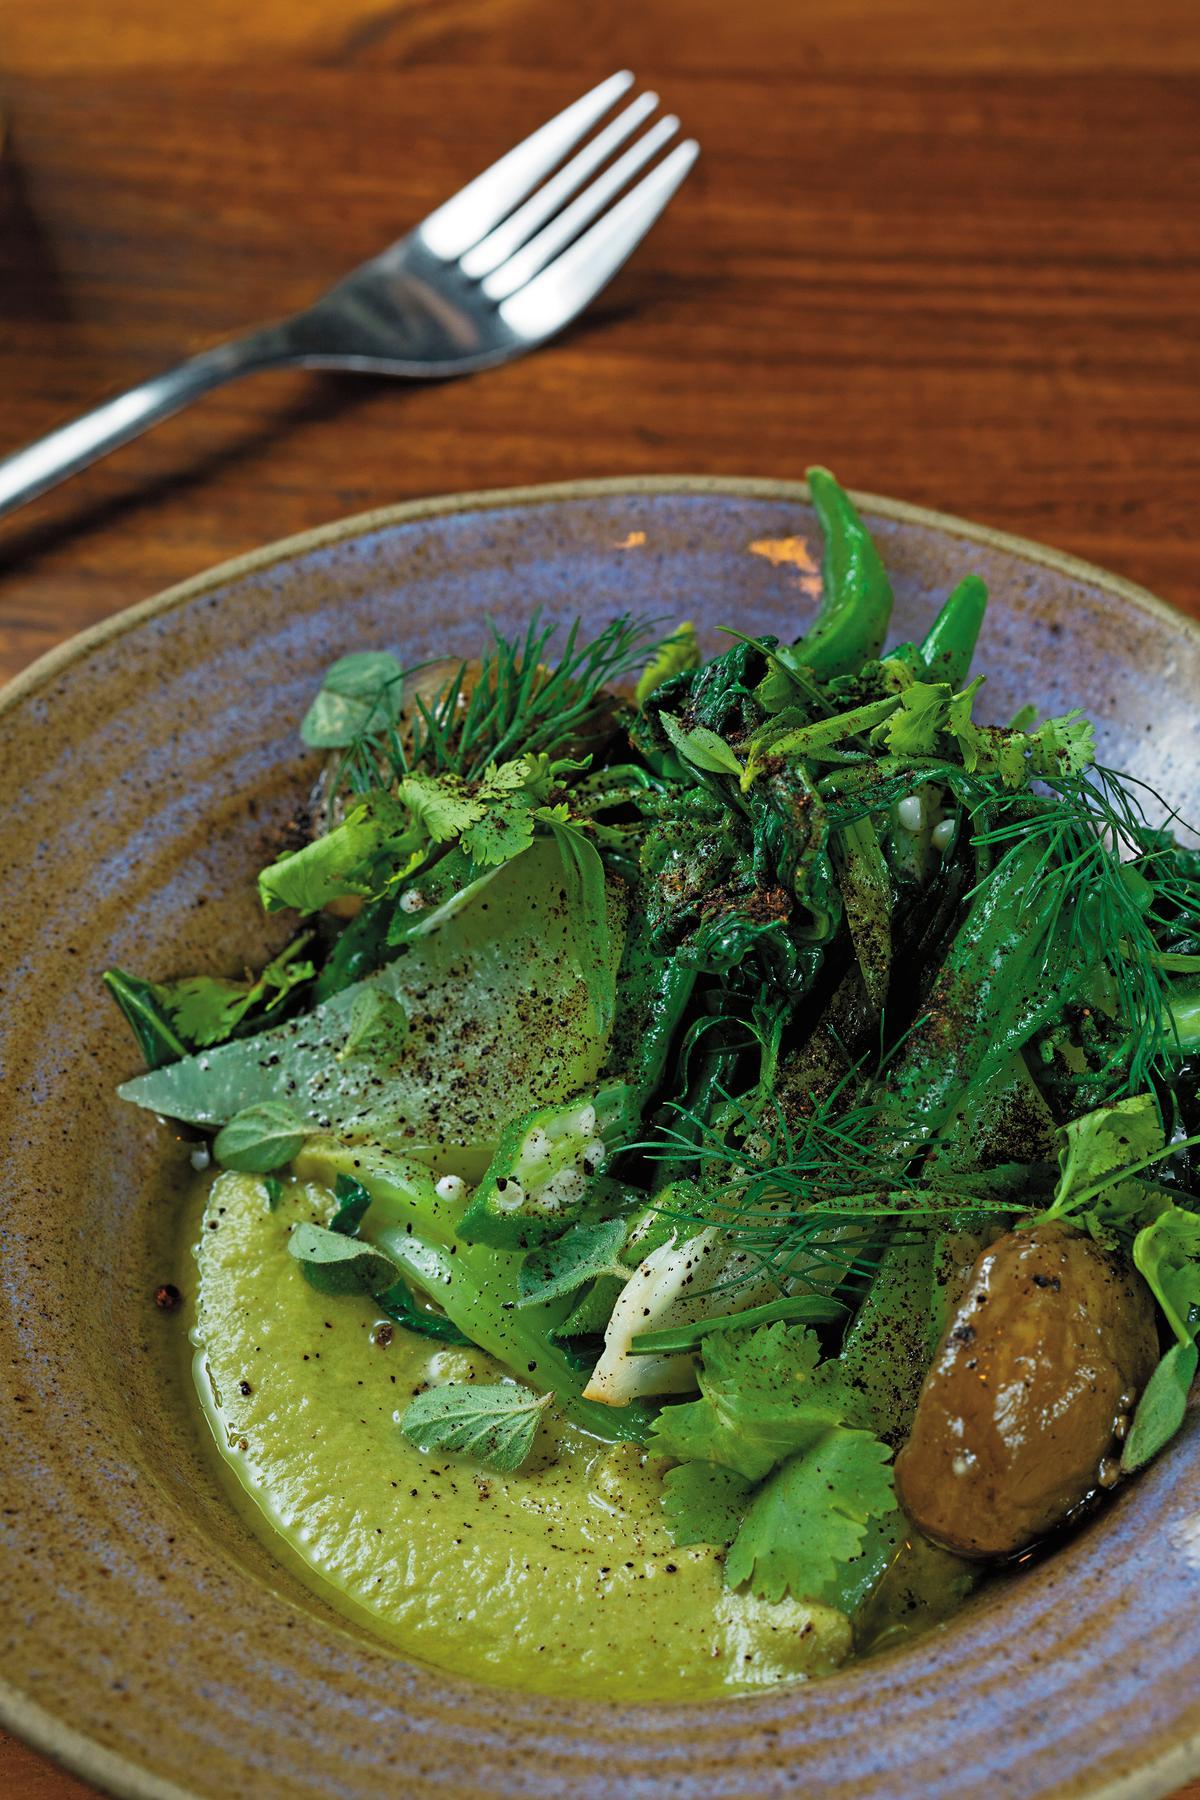 這道菜使用在地產的多種蔬菜,搭配綠番茄醬料,非常清爽。(印尼盾34,000元/份,約NT$77)